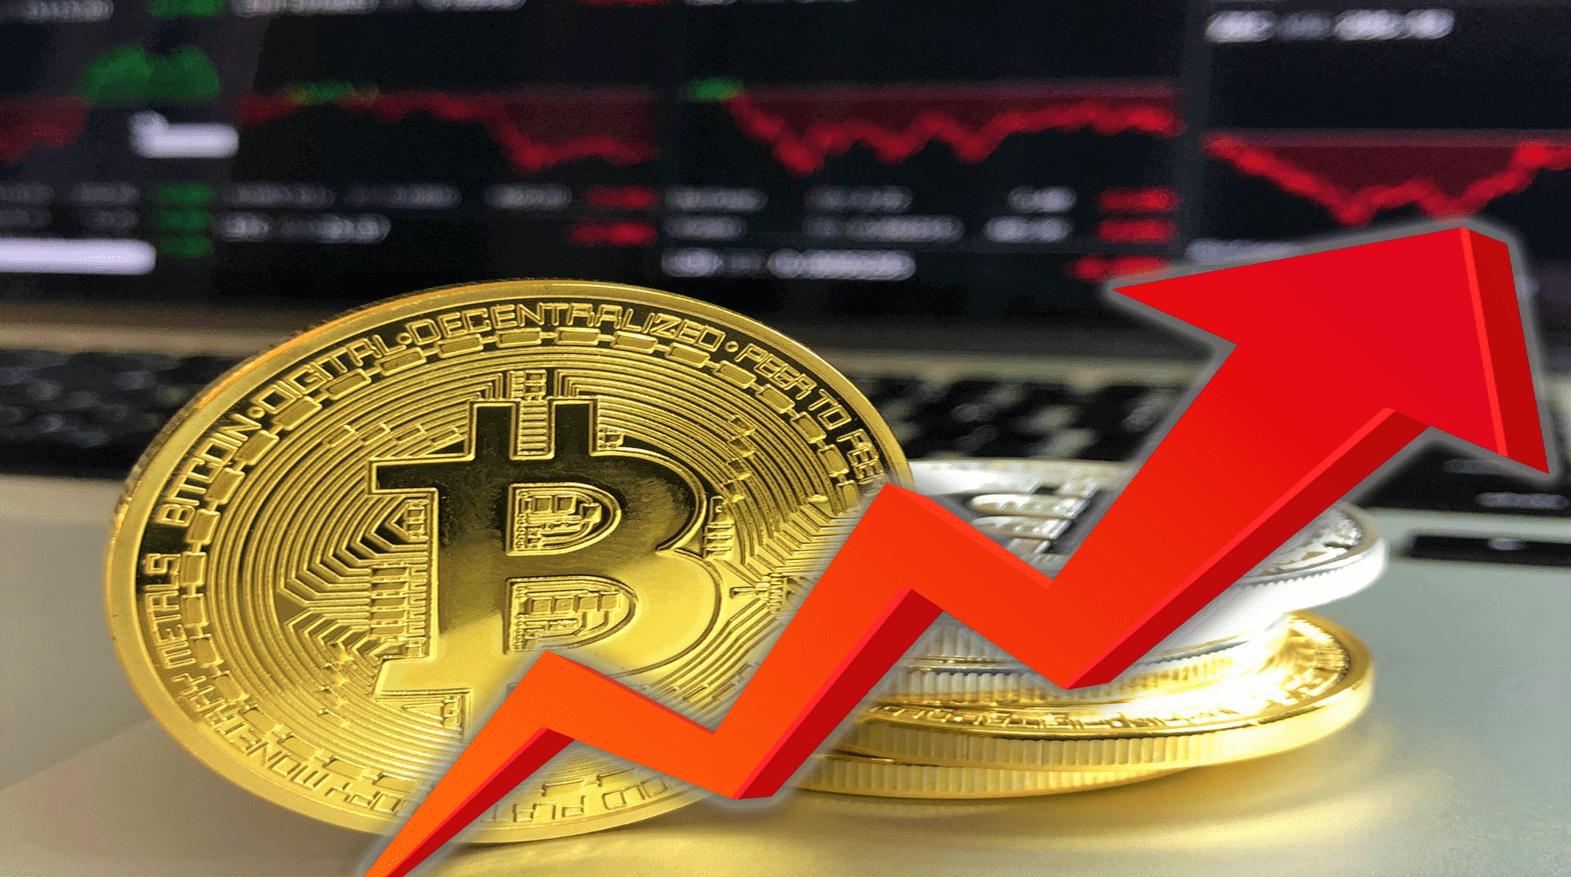 Yeni Veriler Ortalığı Karıştıracak Bitcoin BTC Fiyatı Yakında 280.000 Doları Aşabilir